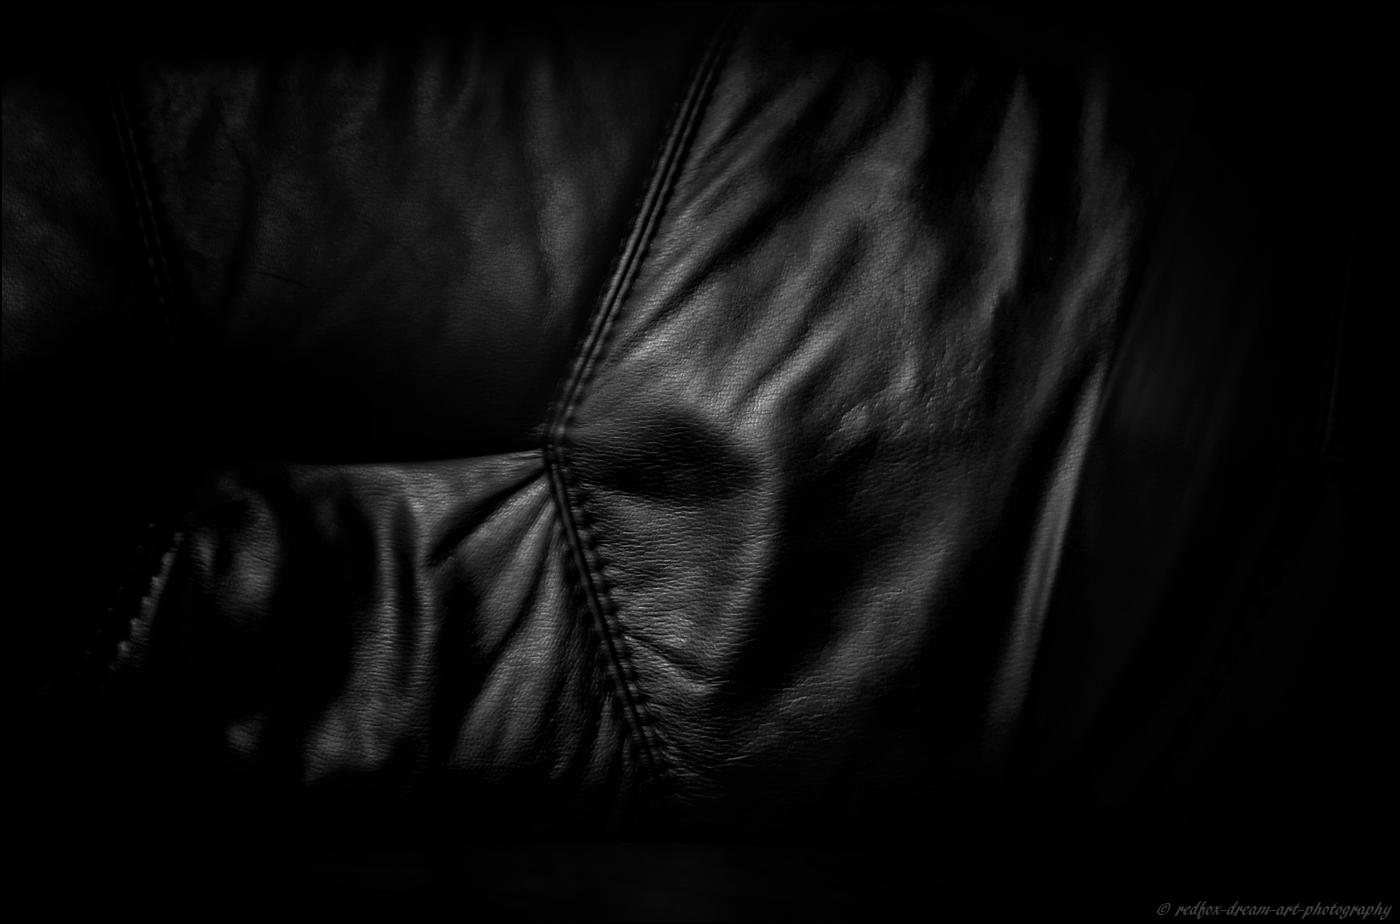 Der Fluch bzw. das Sofa